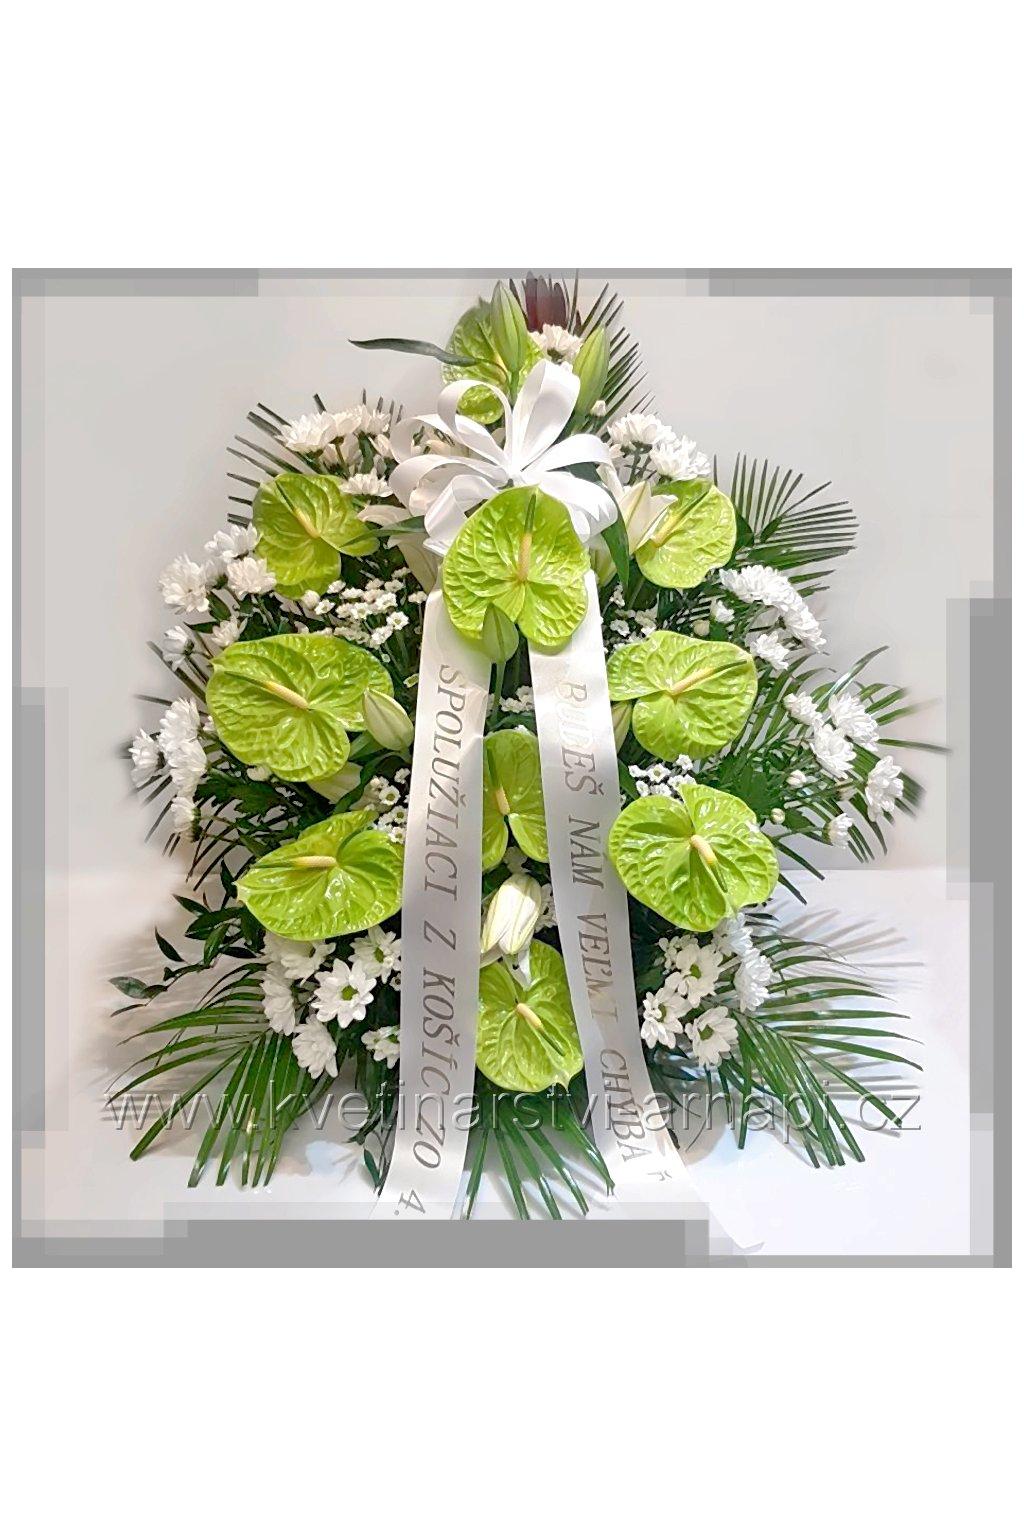 smutecni kytice vypichovana eshop rozvoz kvetinarstvi arnapi